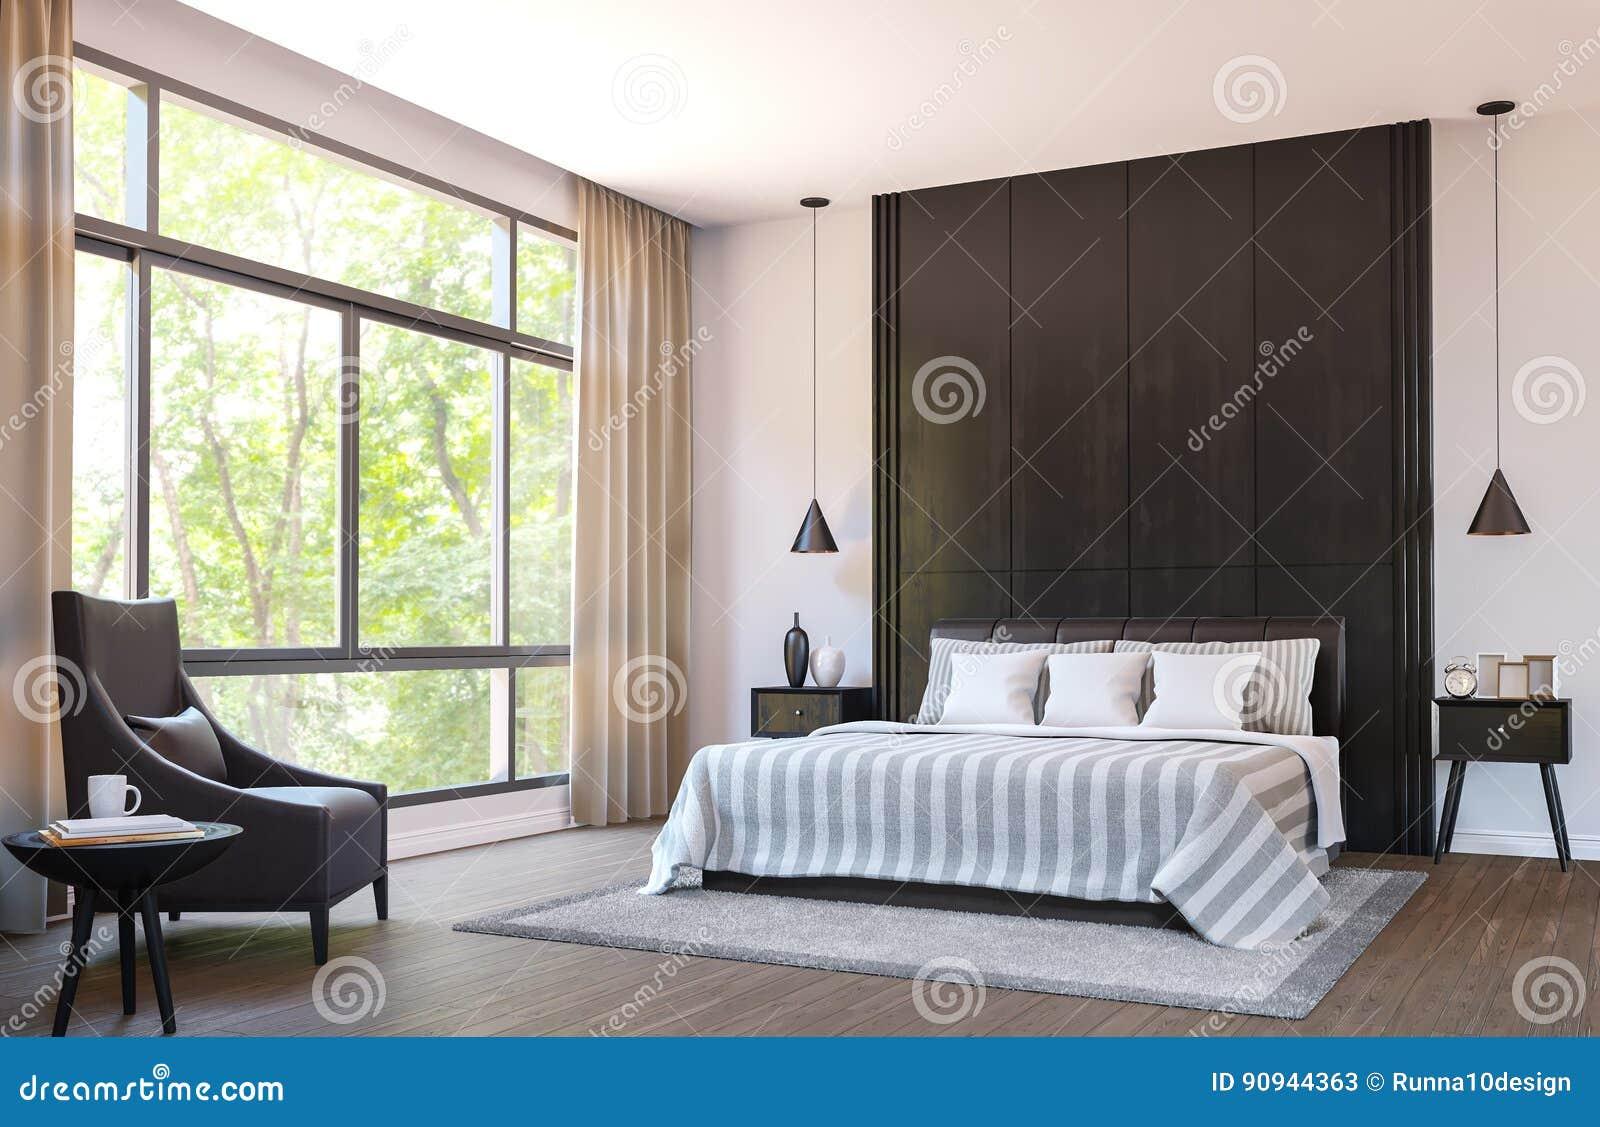 El Dormitorio Moderno Adorna Con Muebles De Cuero Marrones E  # Muebles Marrones